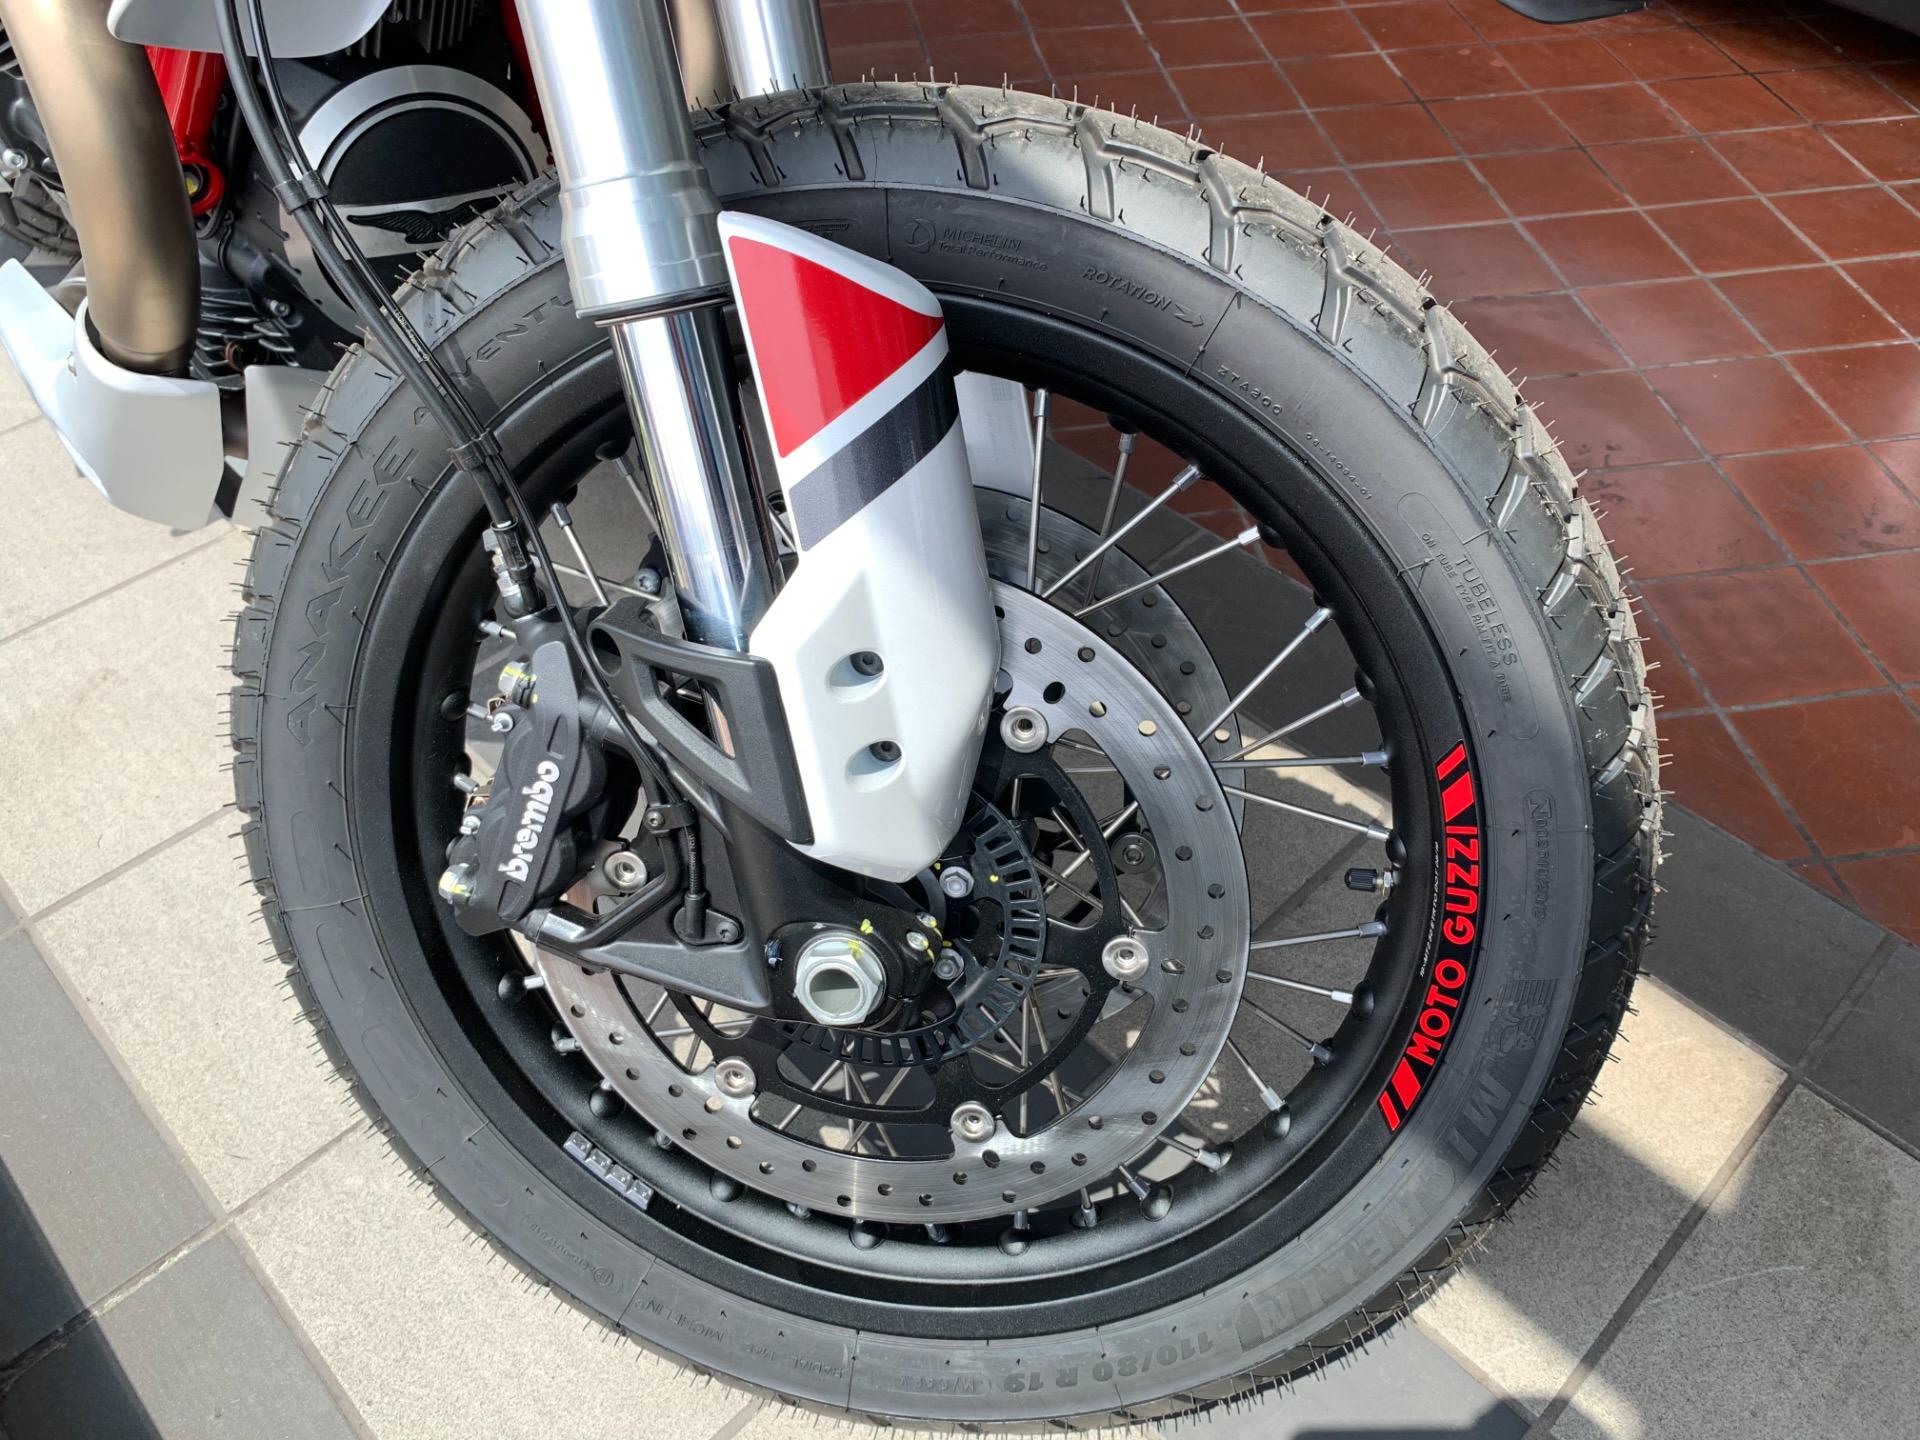 New-2020-Moto-Guzzi-V85-TT-Adventure